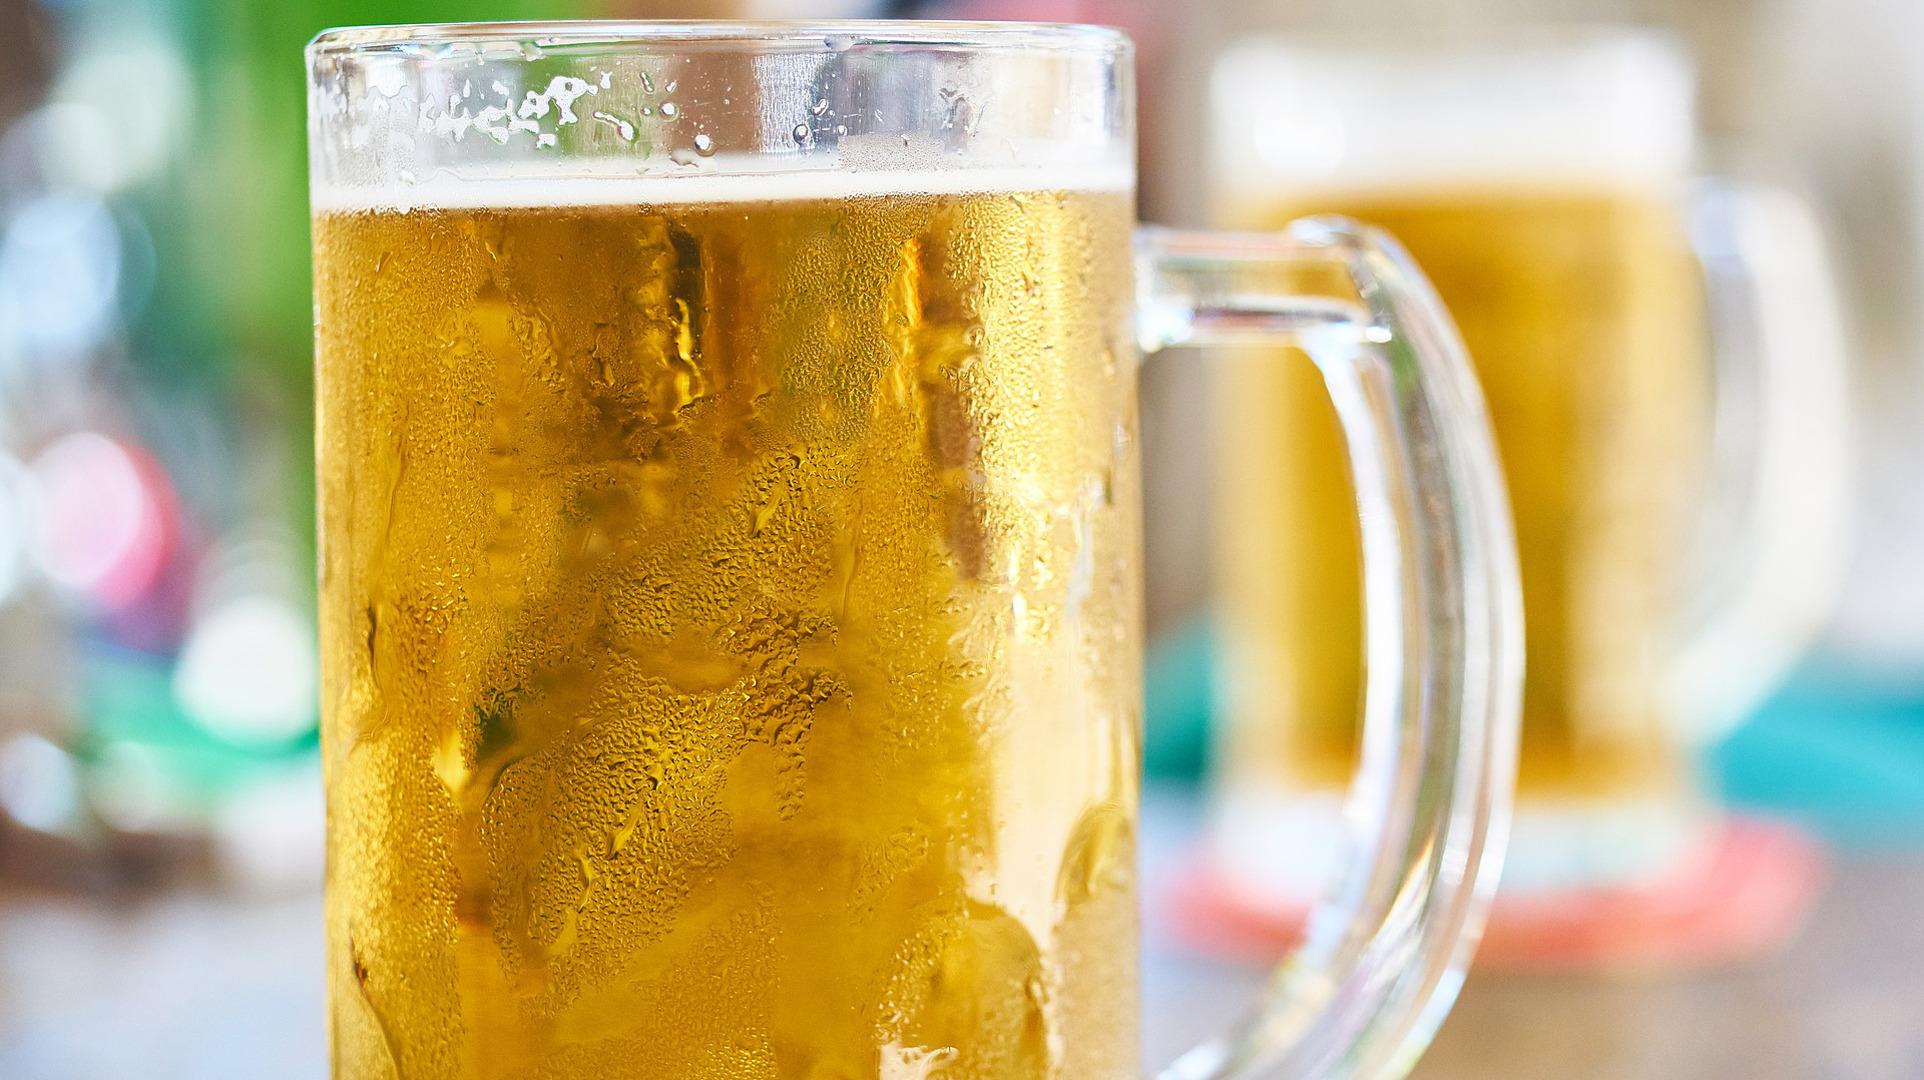 adios-a-la-cerveza-caliente-con-estos-trucos-1920